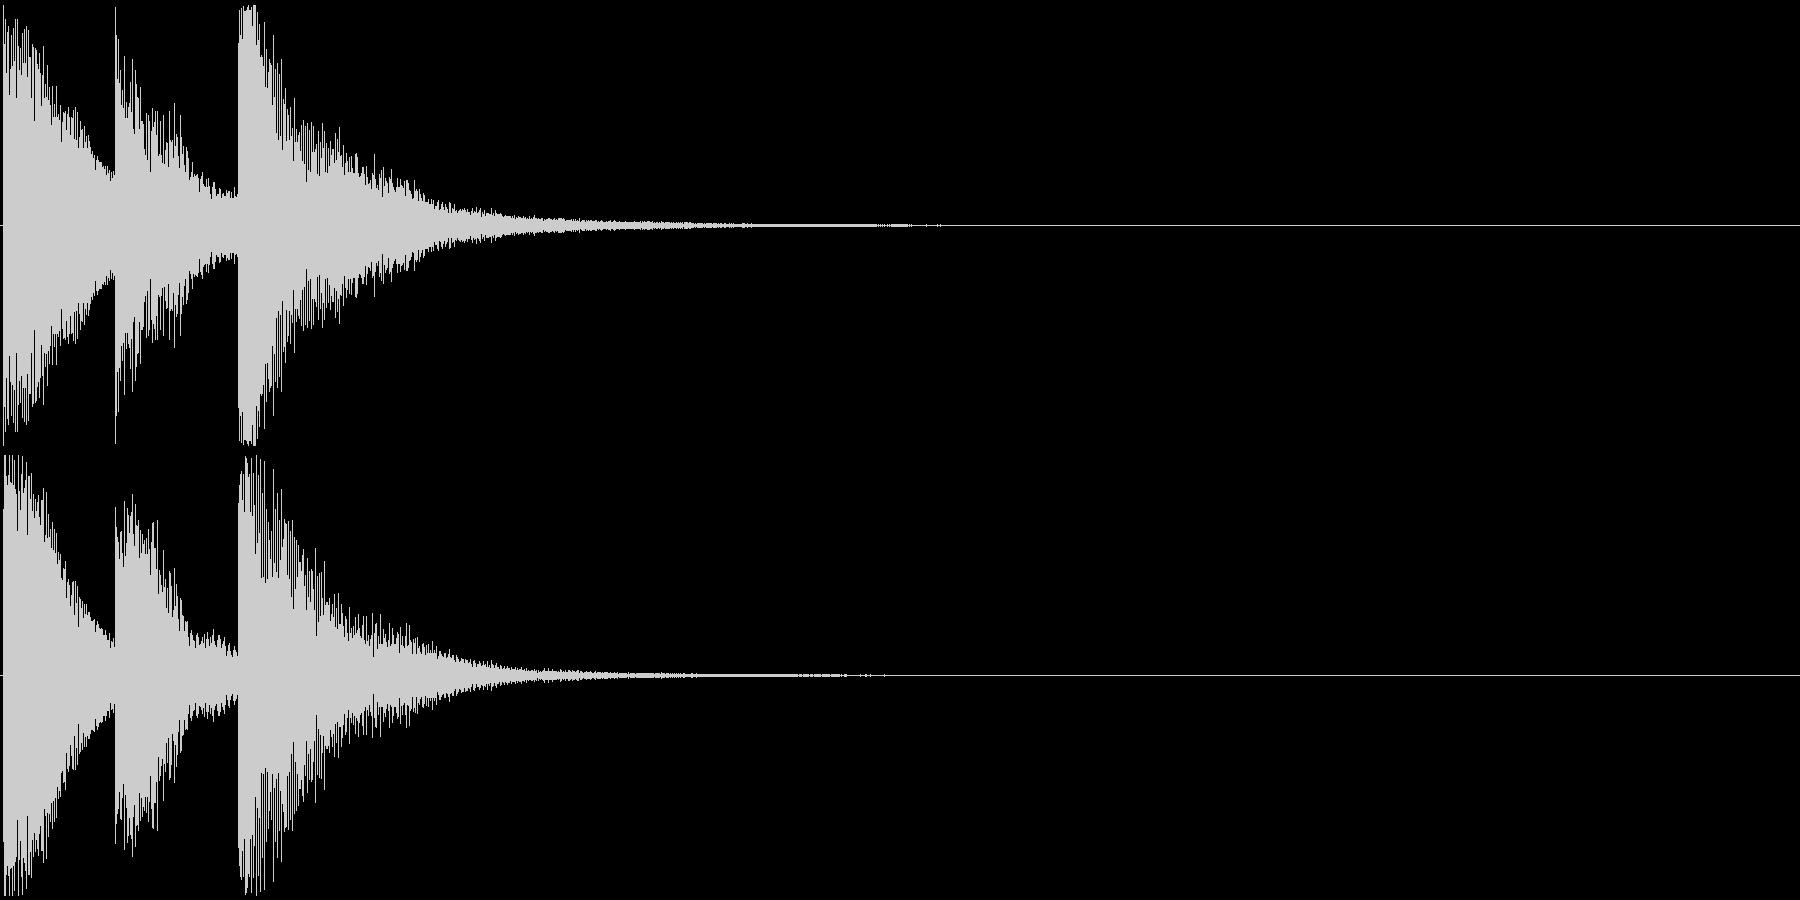 シンプルなゲームクリア音 3音 場面転換の未再生の波形